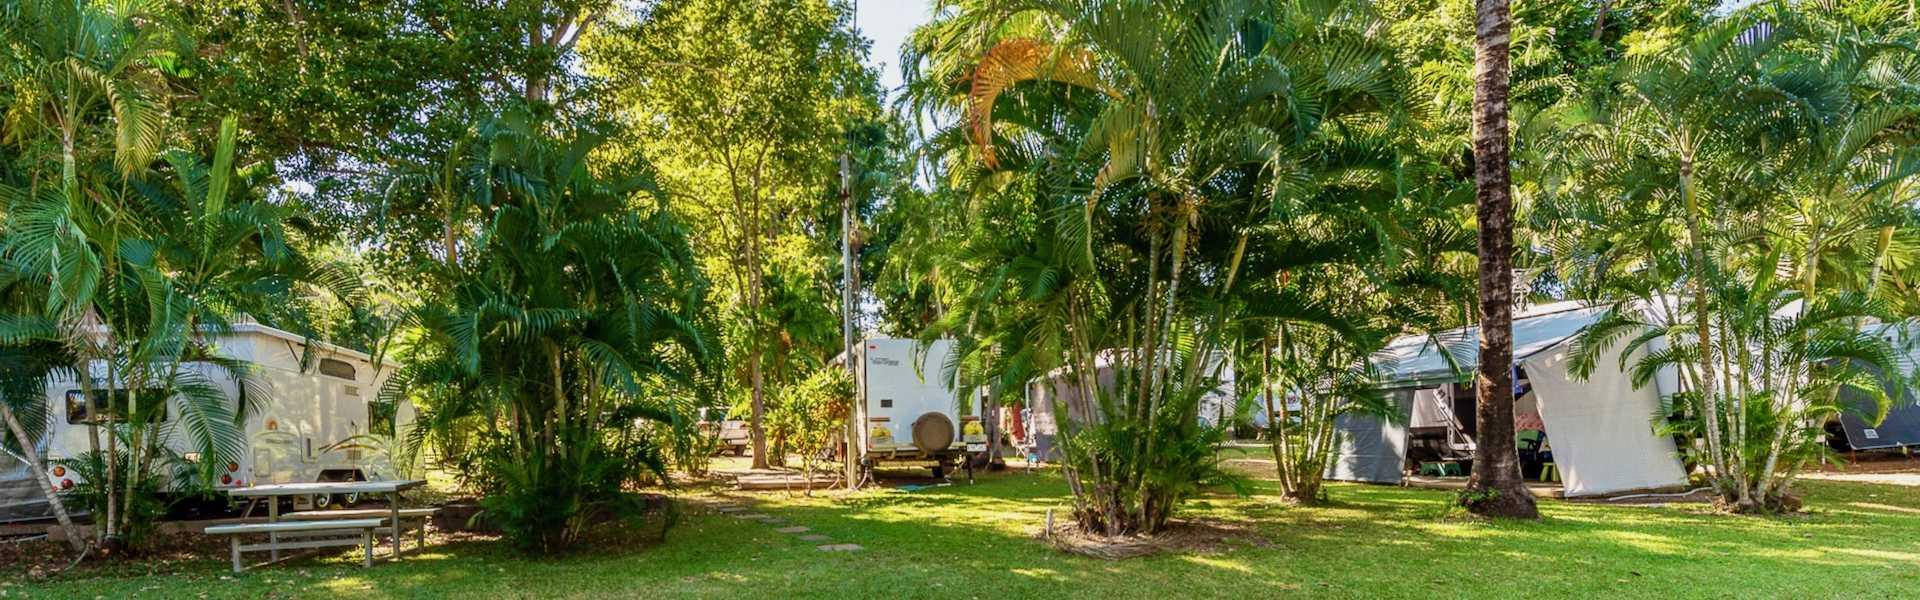 Kui Parks, Oasis Tourist Park, Sites